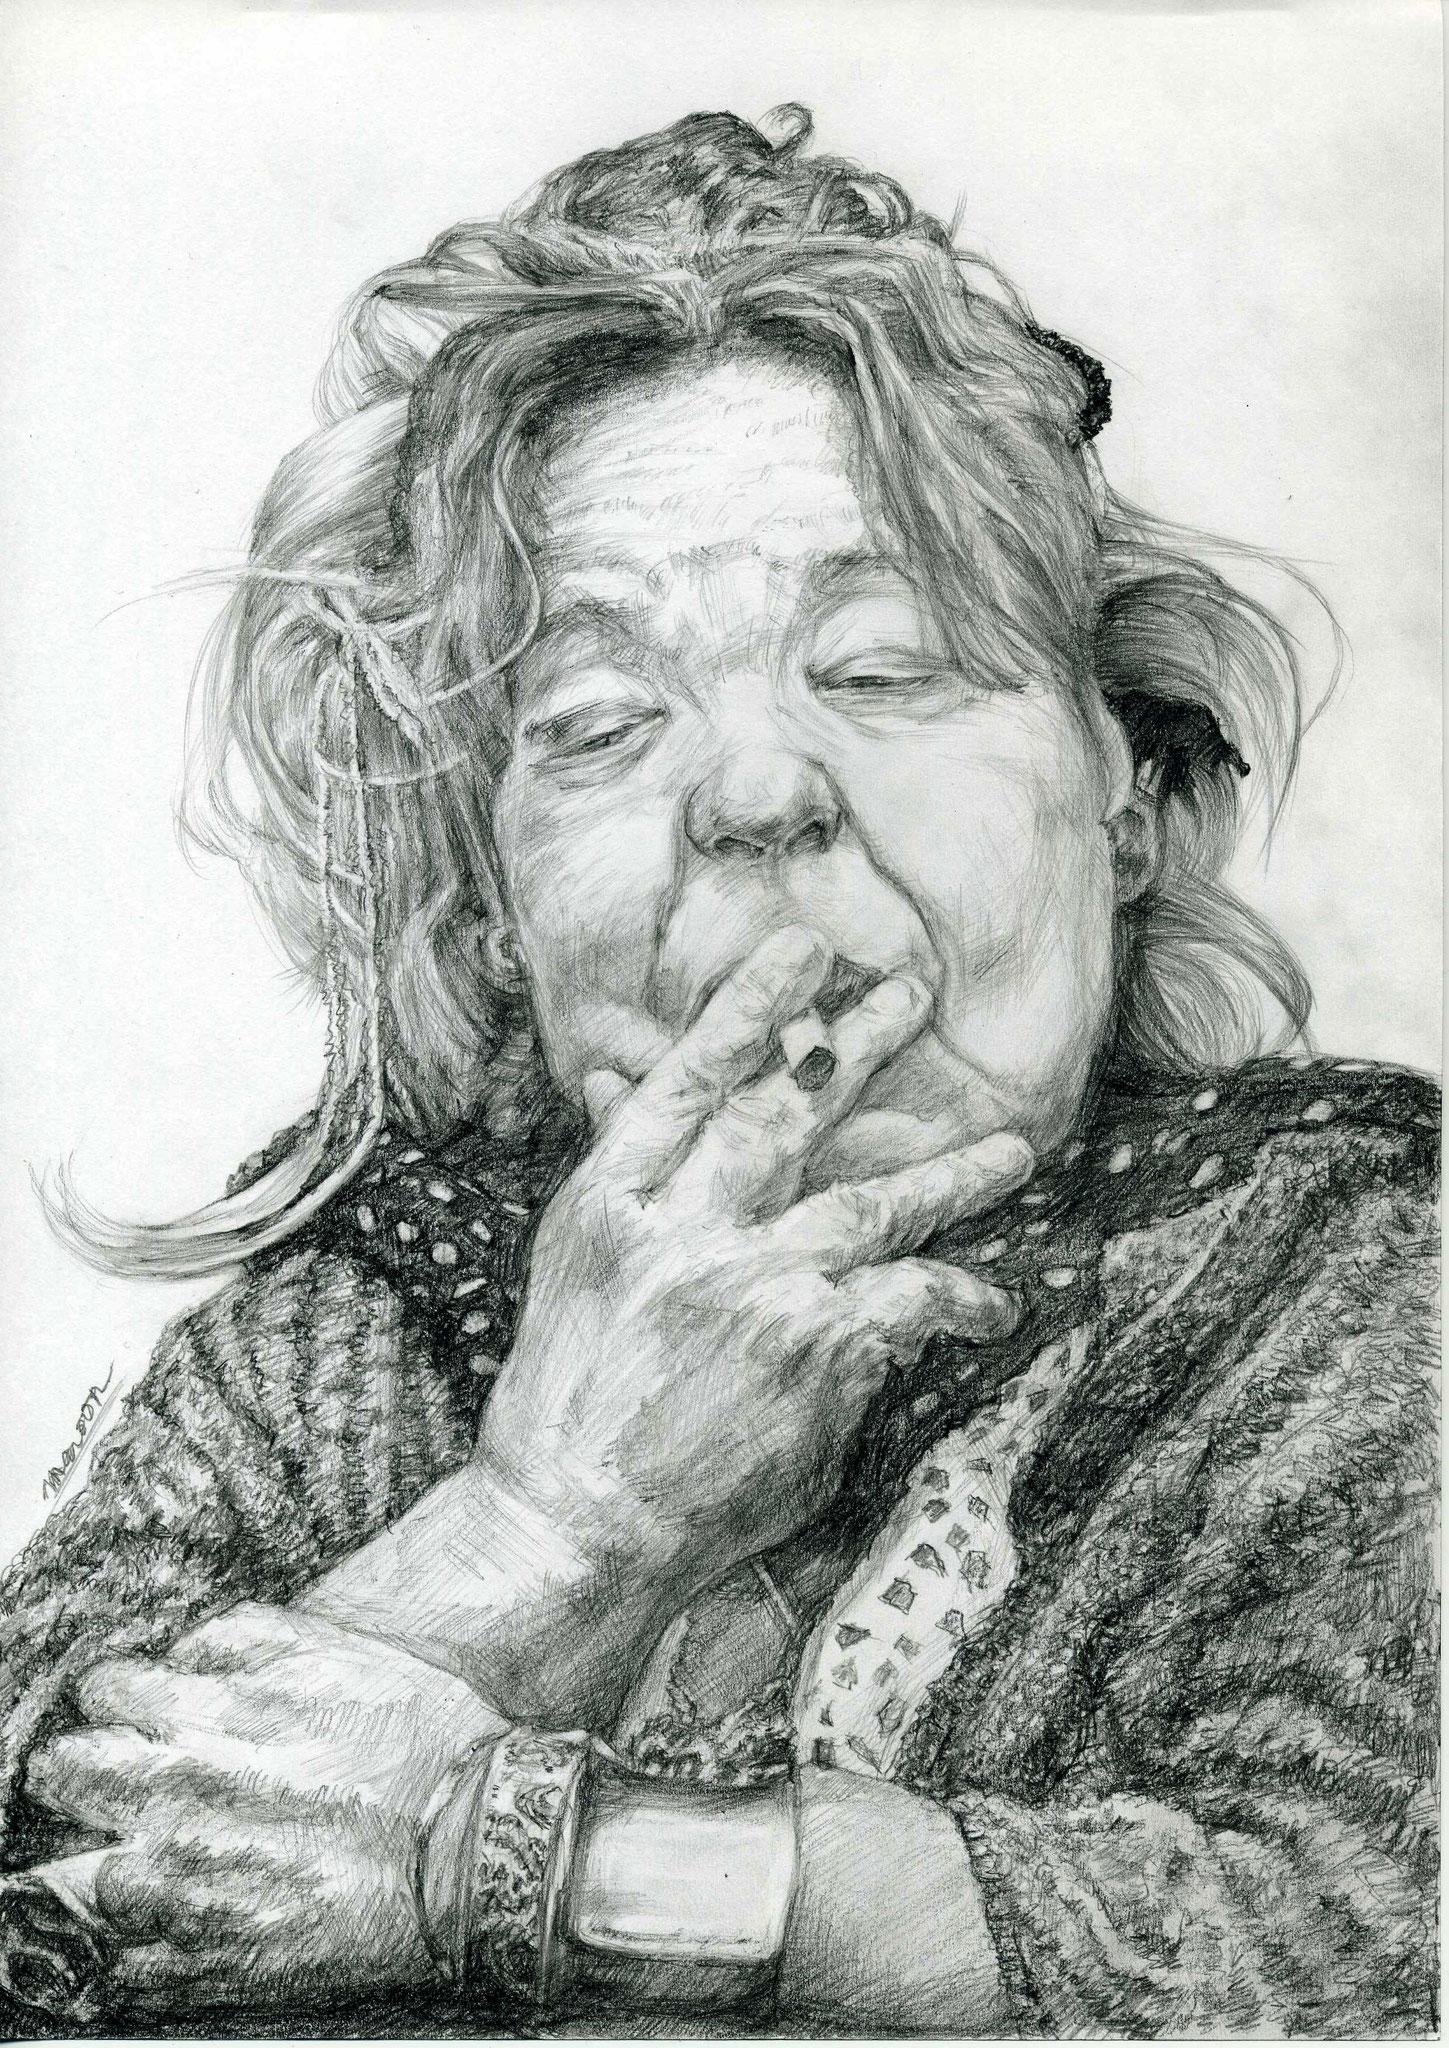 【リアルデッサン・肖像画】フジコ・ヘミングさん